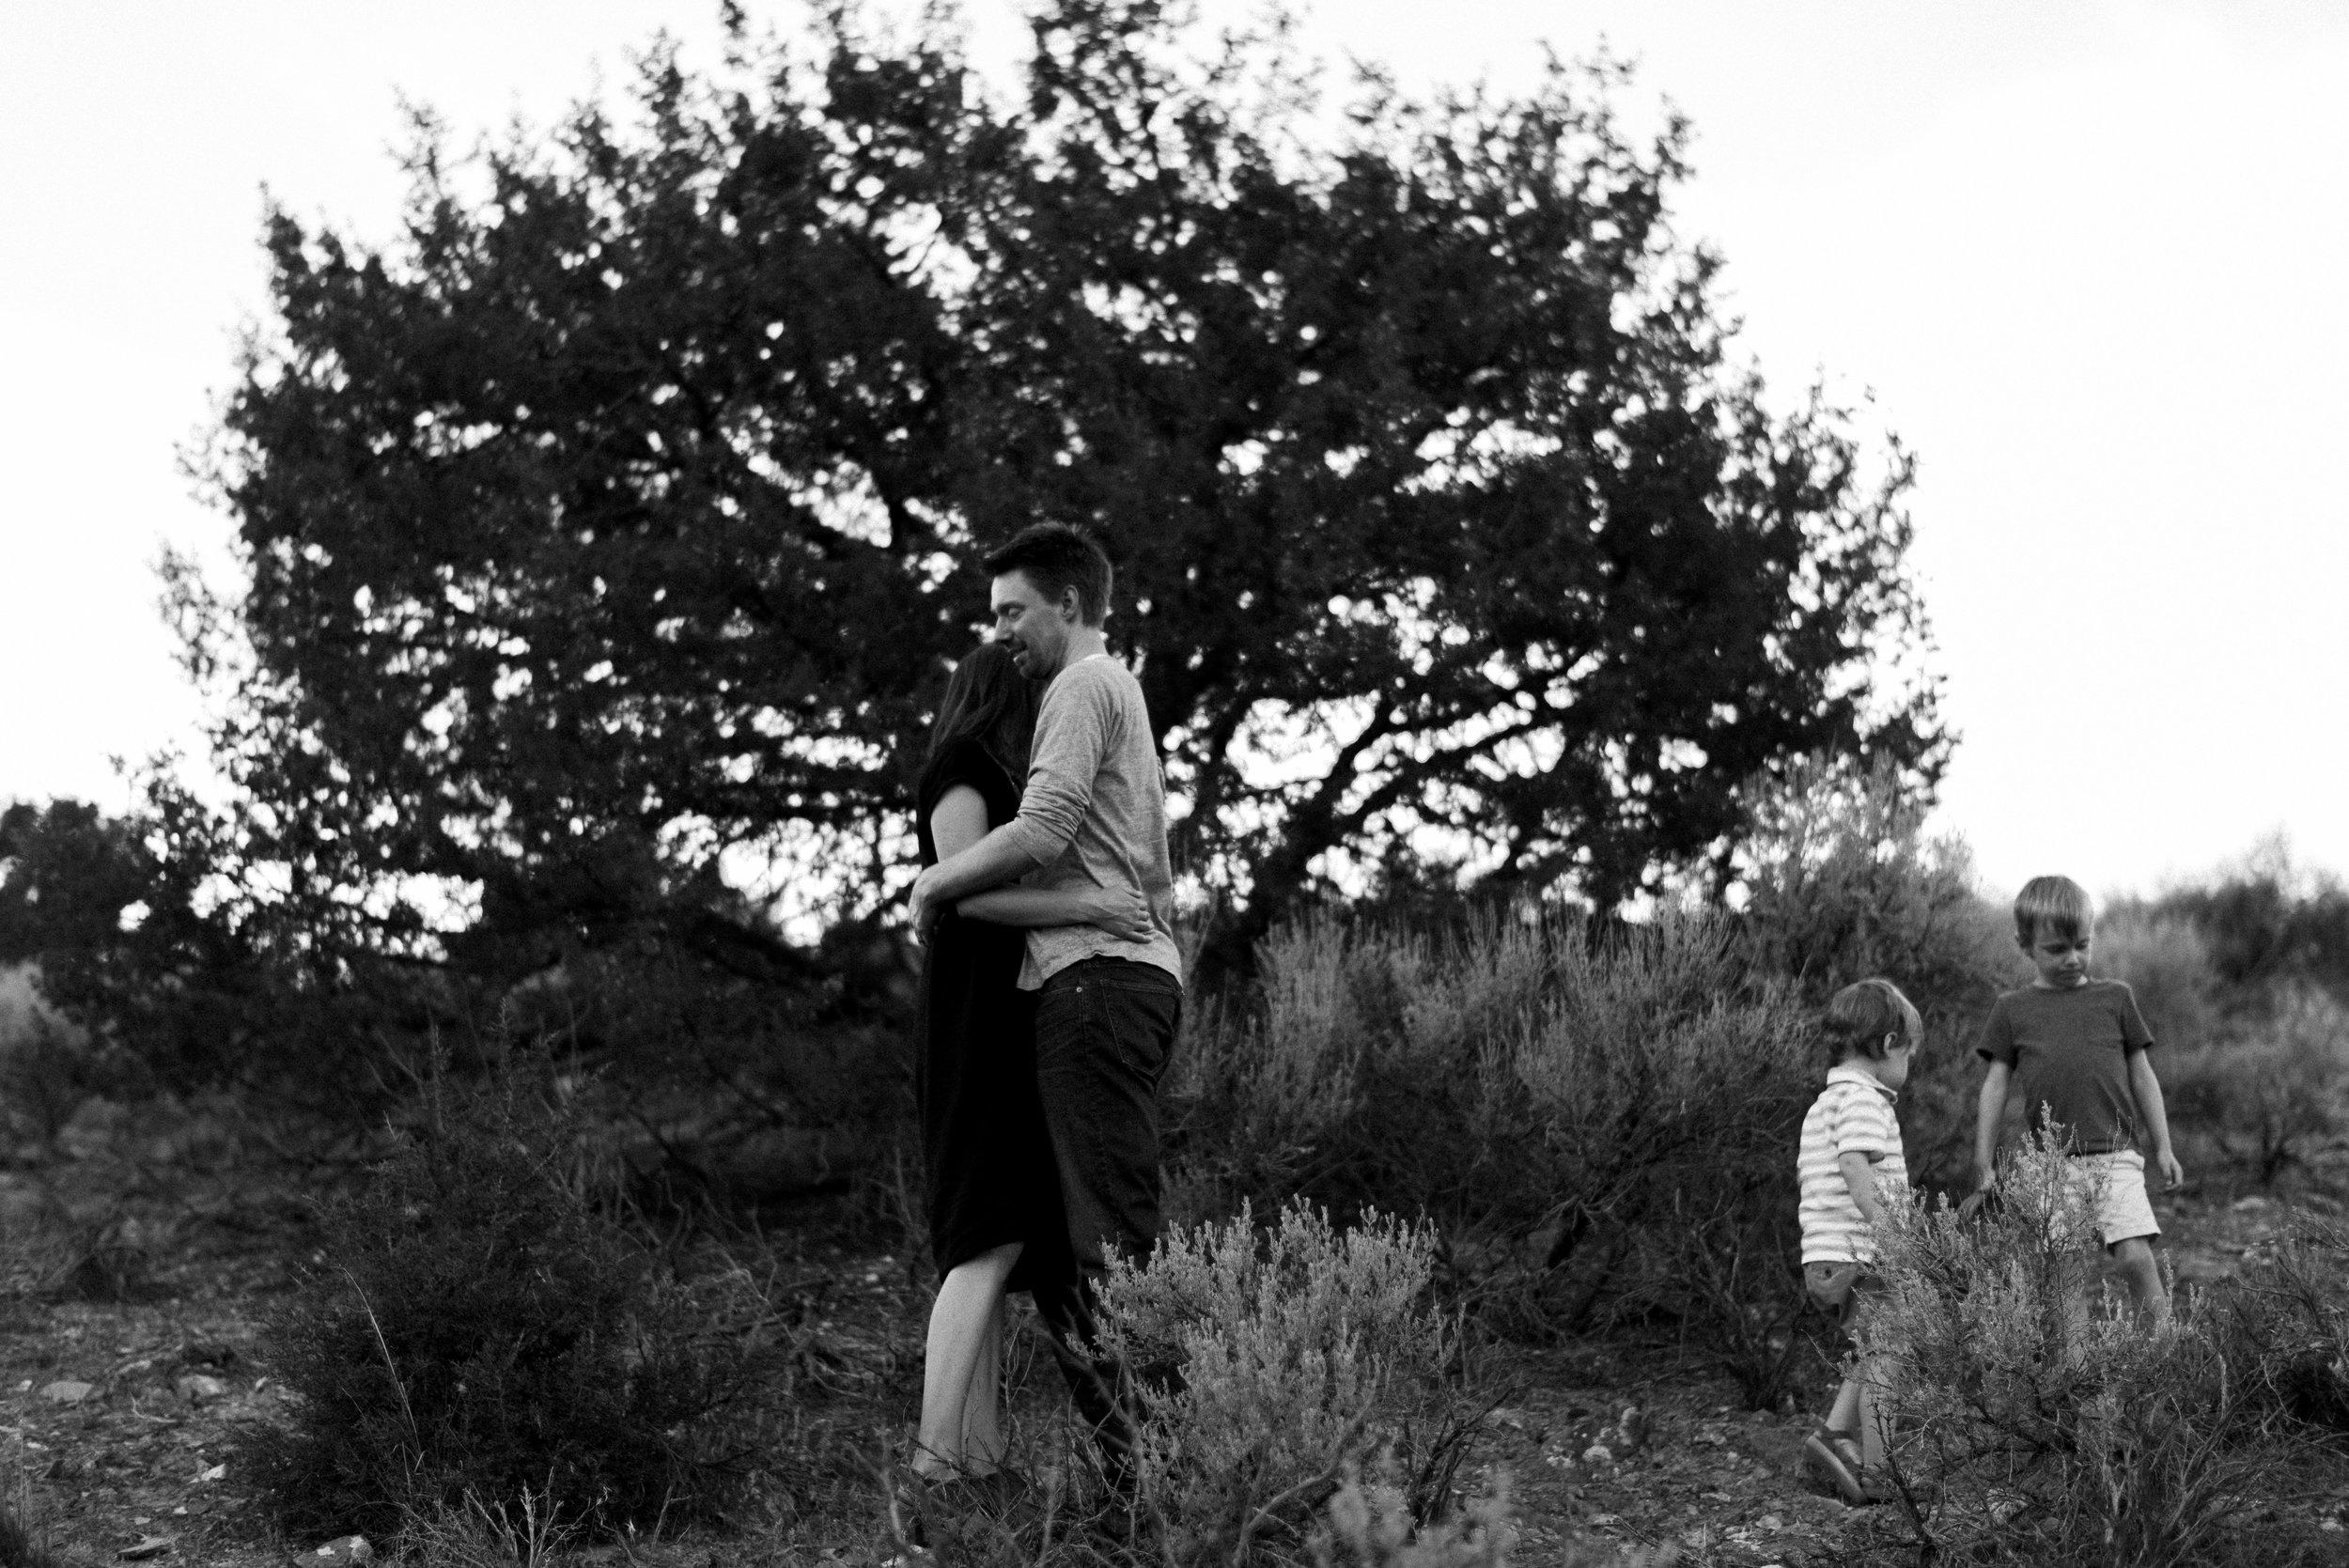 desert family photos utah alyssa sorenson-57.jpg